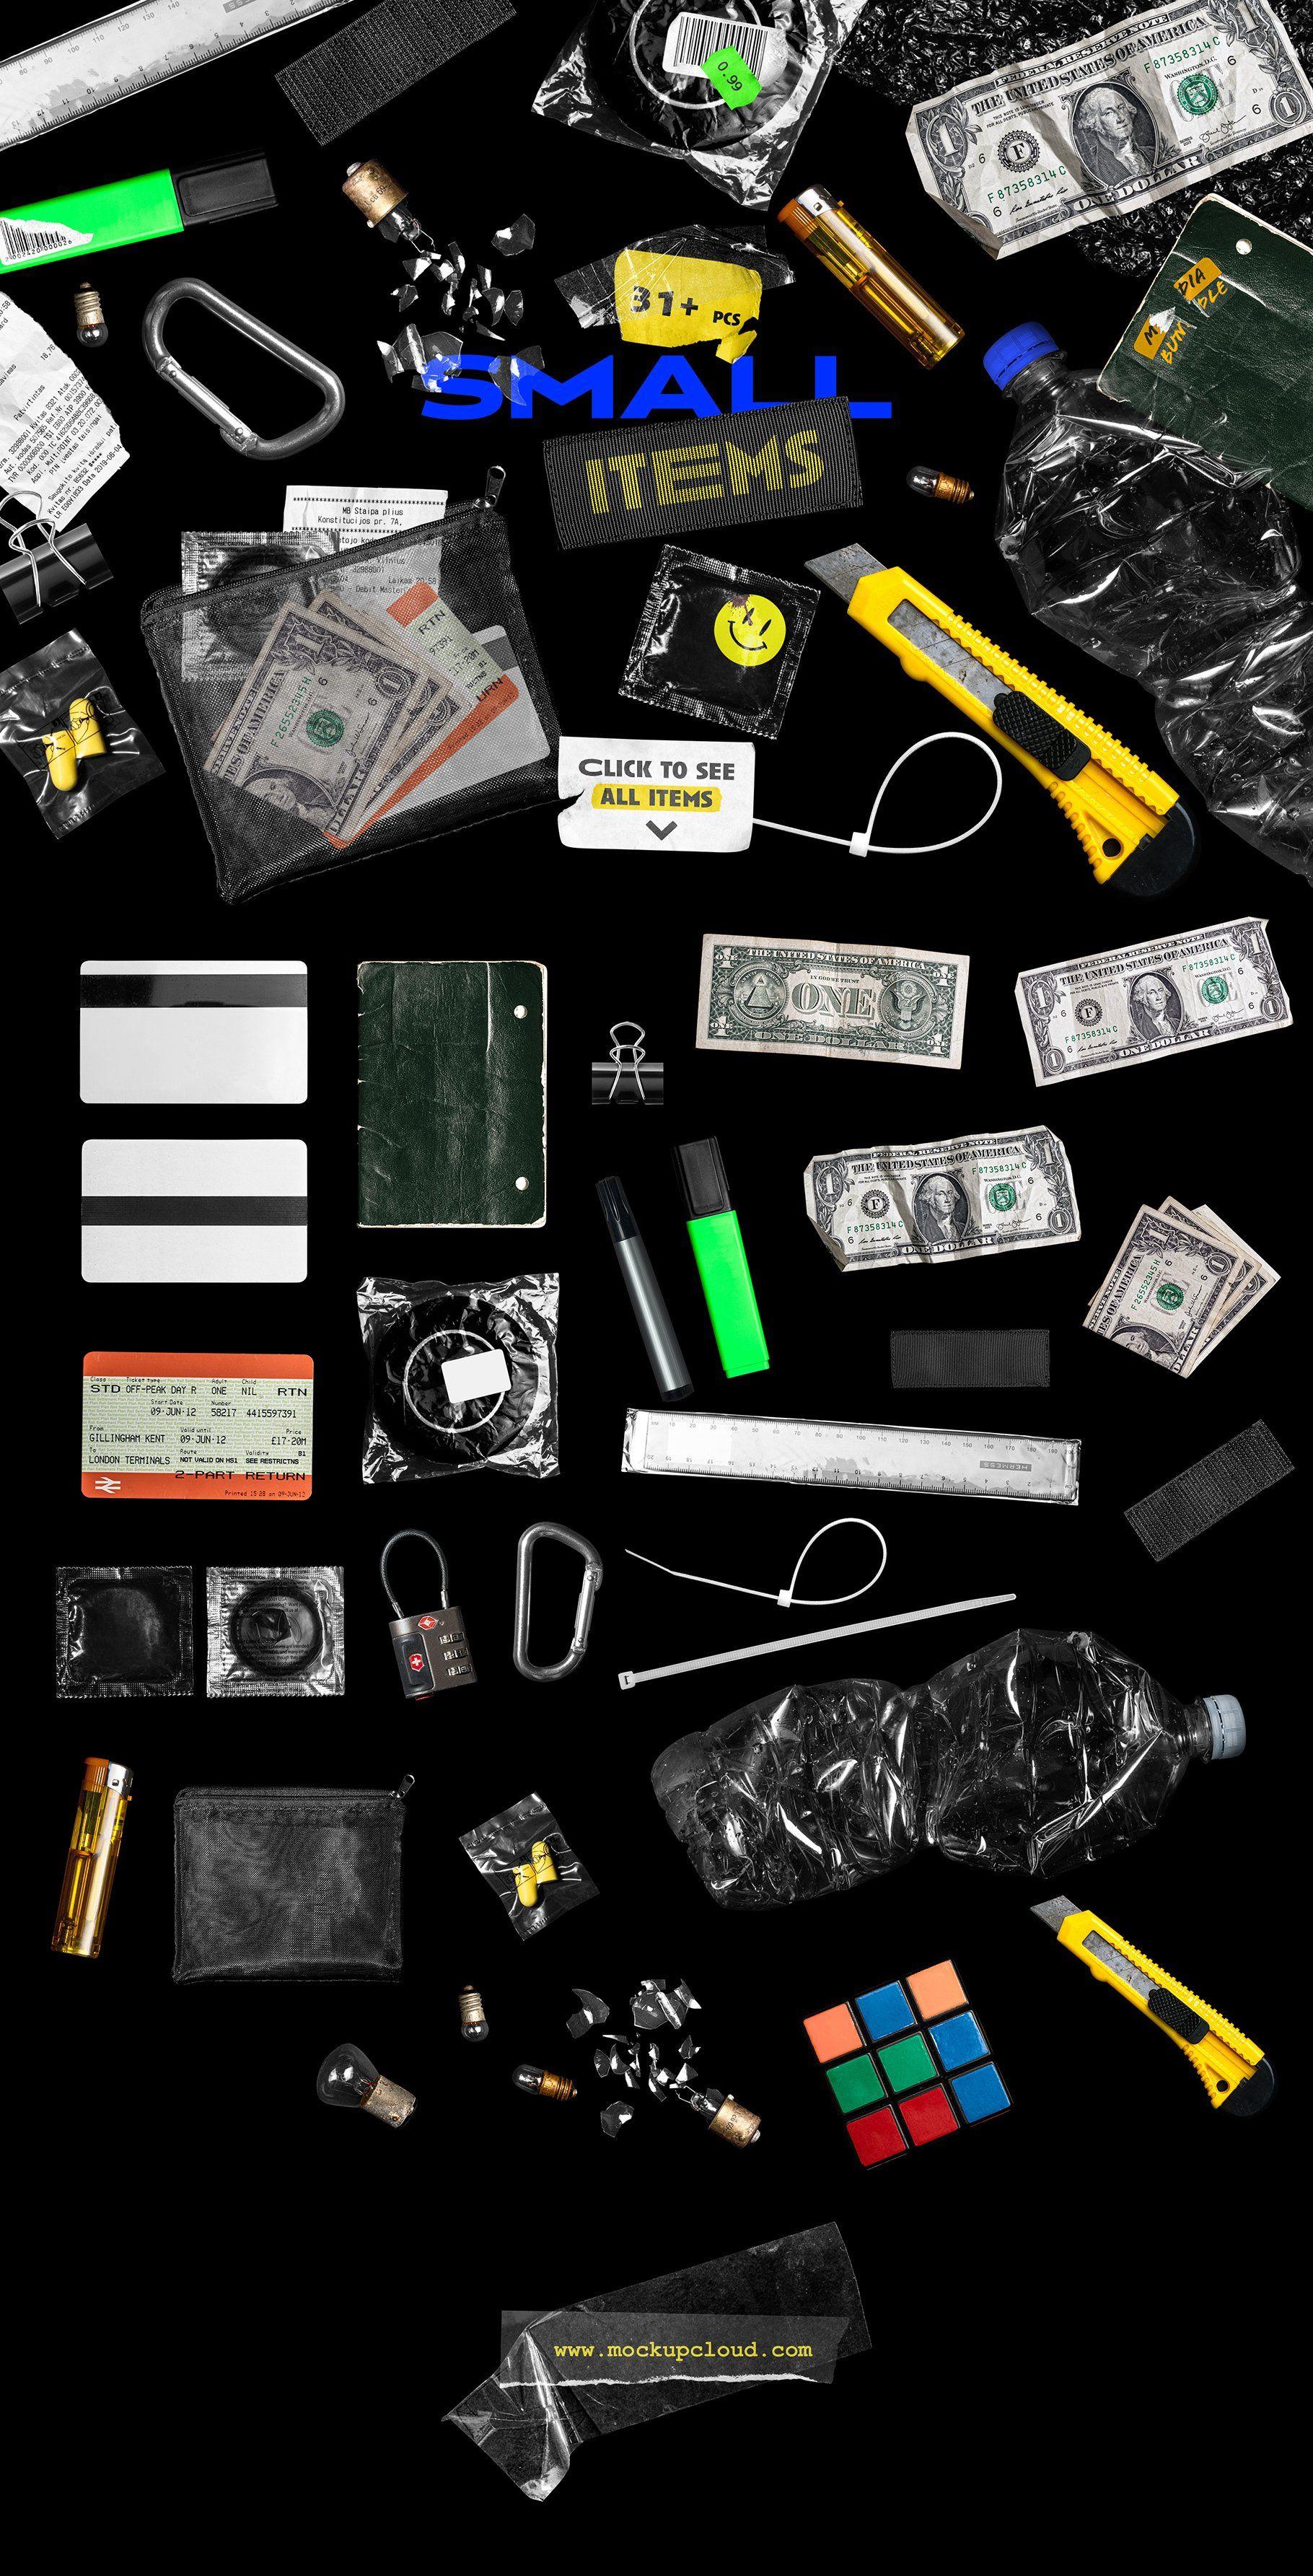 Miscreated Media Mockup Creator Texture Graphic Design Album Art Design Cover Art Design